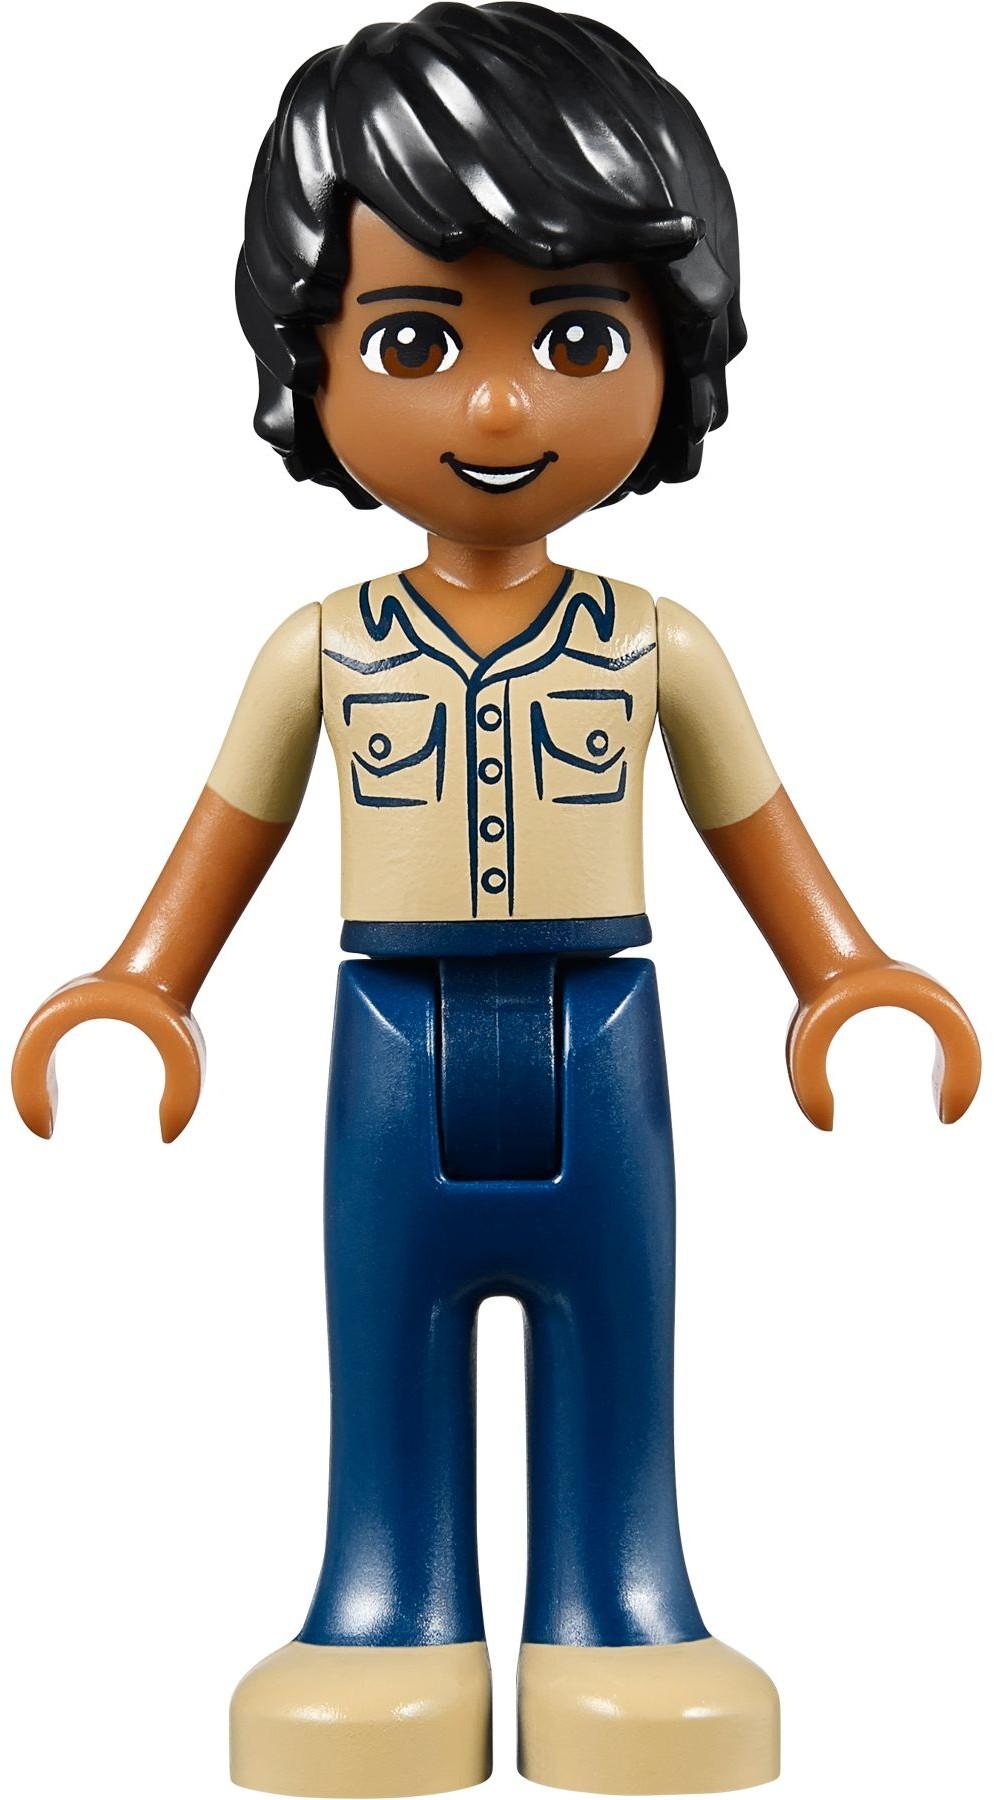 Matthew Lego Friends Wiki Fandom Powered By Wikia